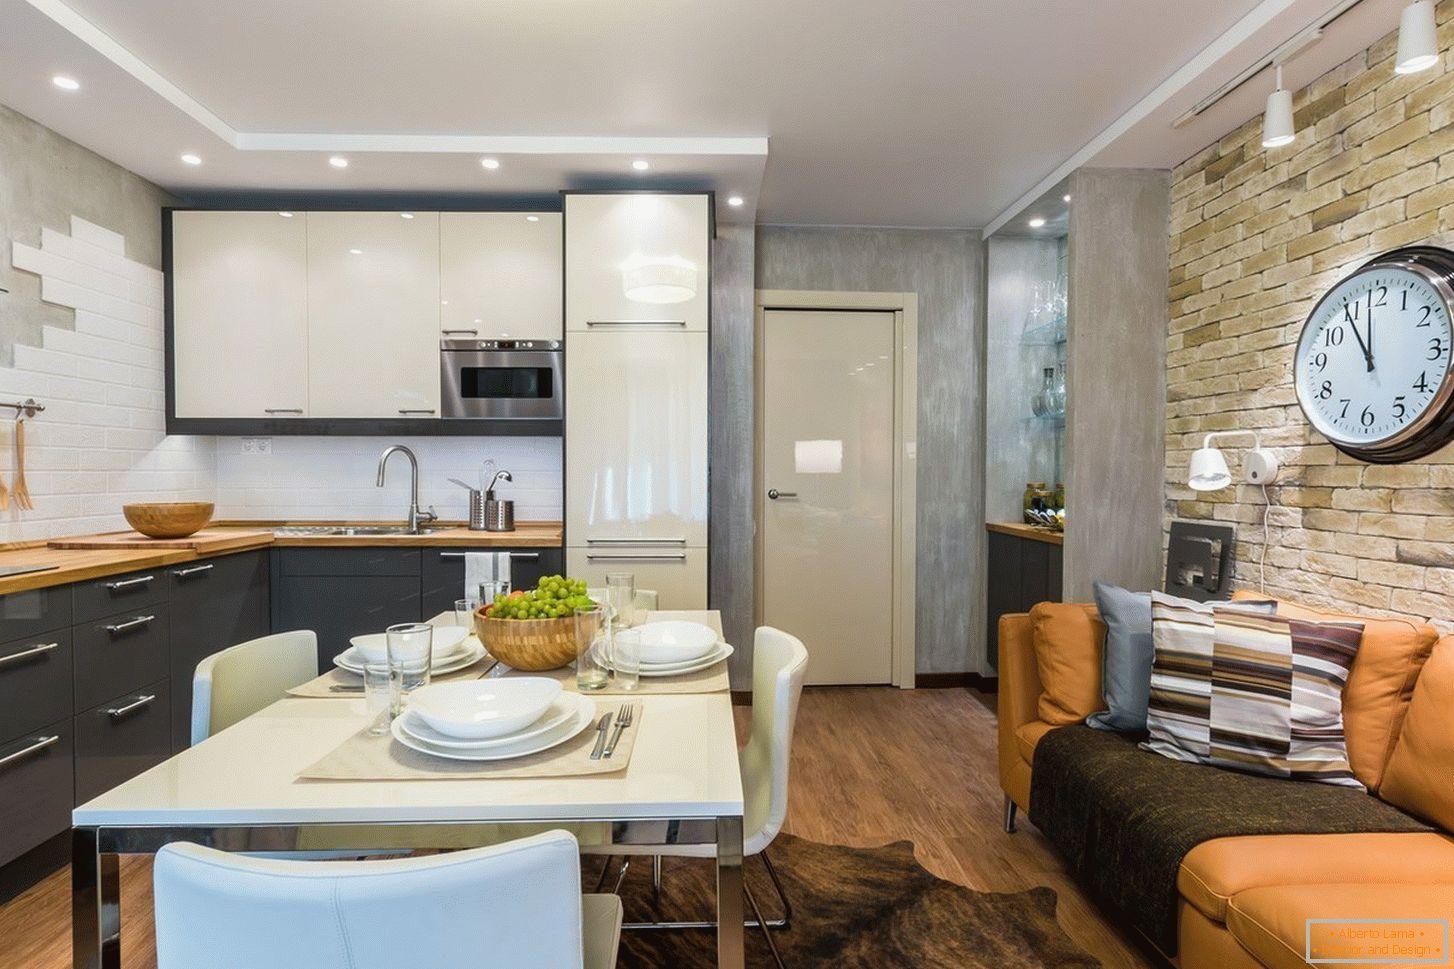 Cucina di design 16 mq + 60 esempi di foto degli interni